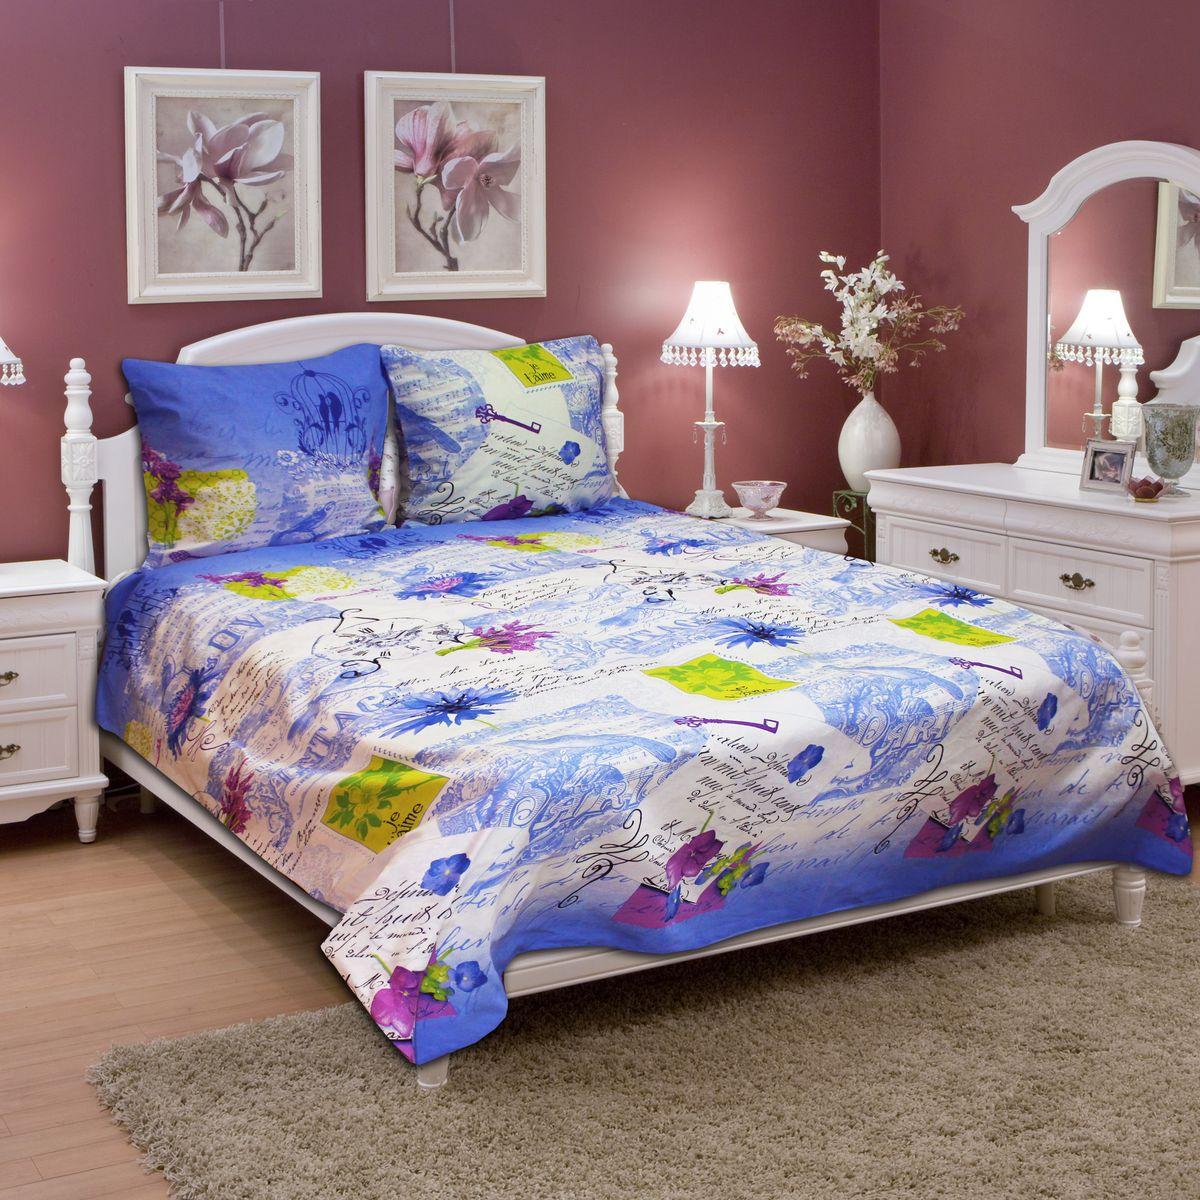 Комплект белья Amore Mio Flower BL, 2-спальный, наволочки 70х7077723Постельное белье из бязи практично и долговечно, а самое главное - это 100% хлопок! Материал великолепно отводит влагу, отлично пропускает воздух, не капризен в уходе, легко стирается и гладится. Новая коллекция Naturel 3-D дизайнов позволит выбрать постельное белье на любой вкус!